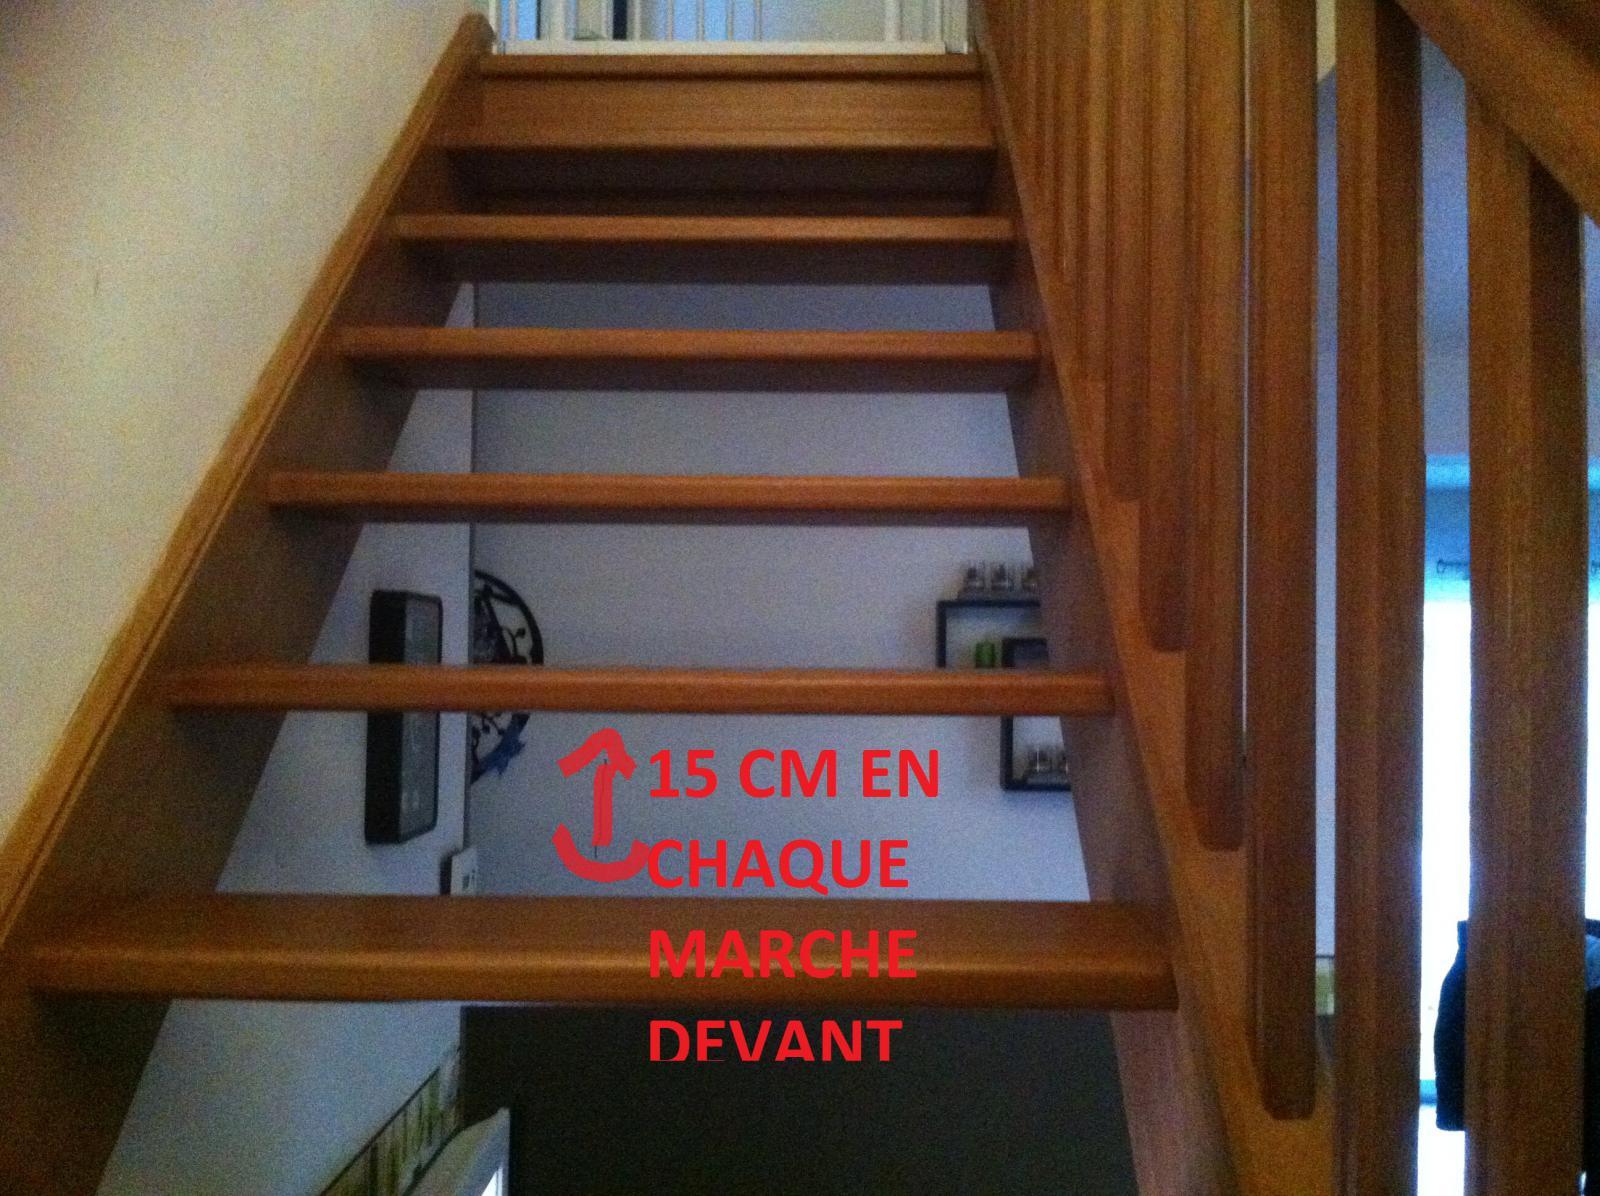 100 Incroyable Suggestions Ajouter Des Contre Marche Escalier